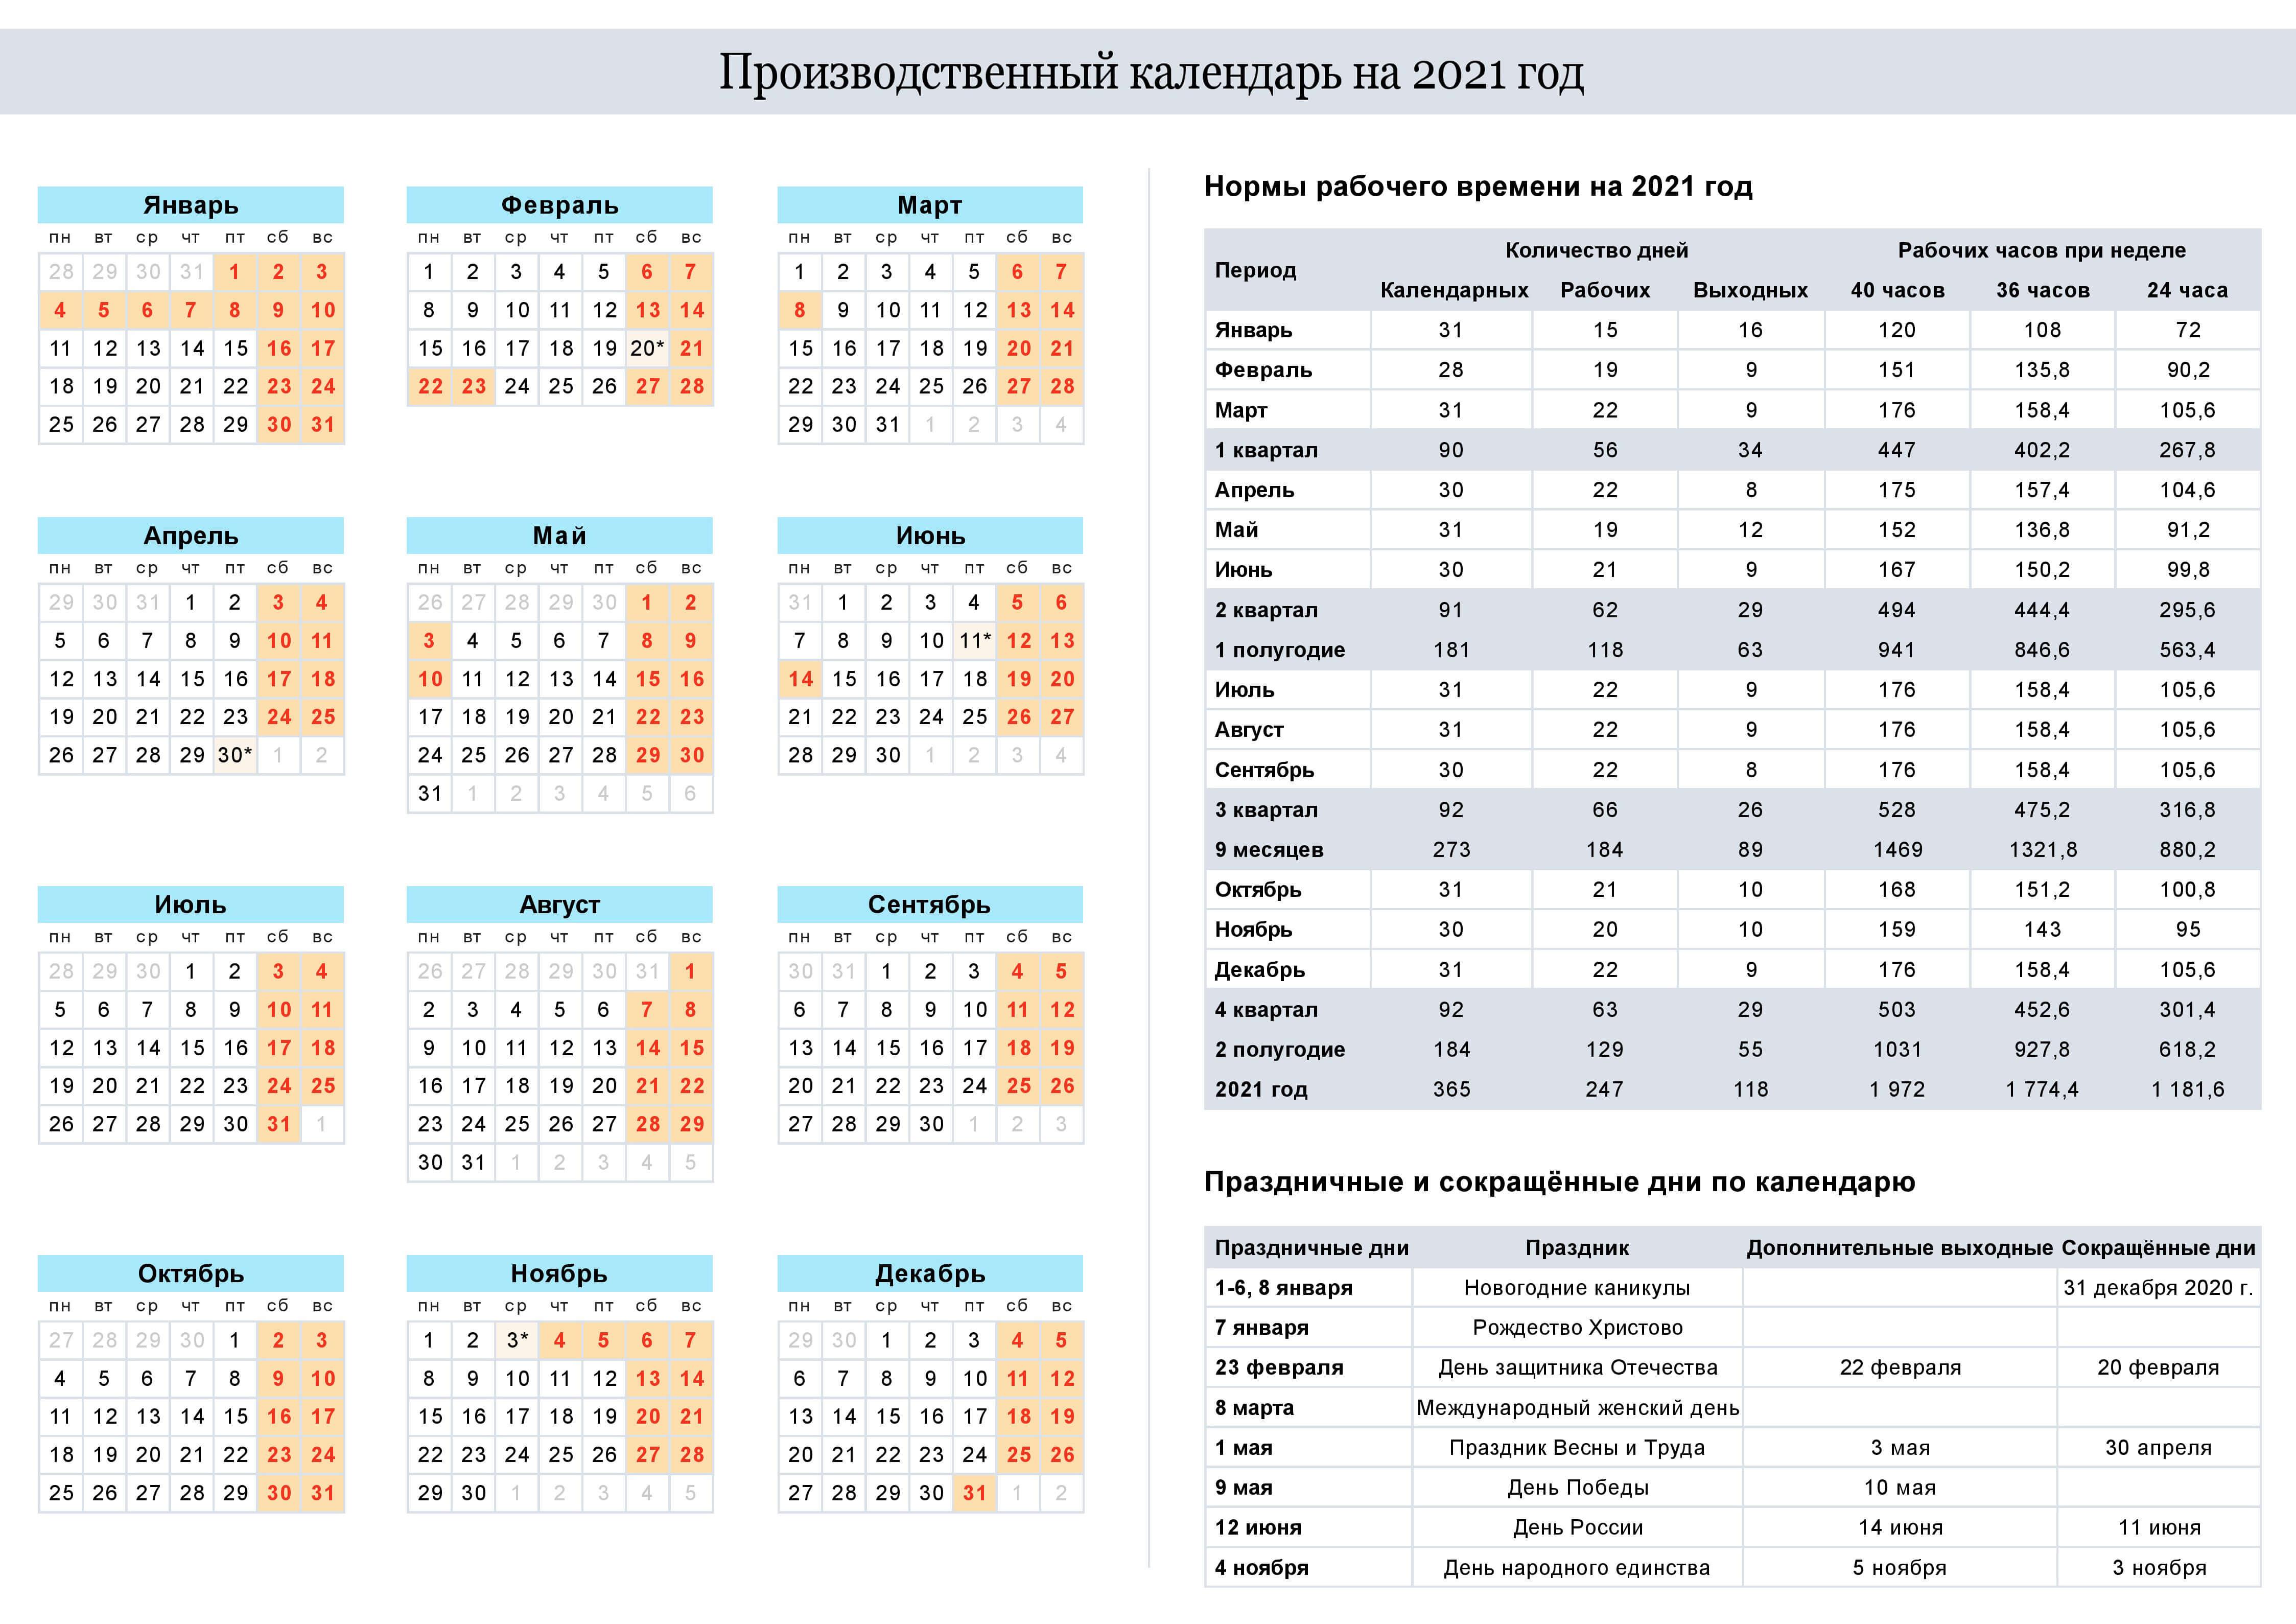 Россия – Производственный календарь на 2021 год (горизонтальный)